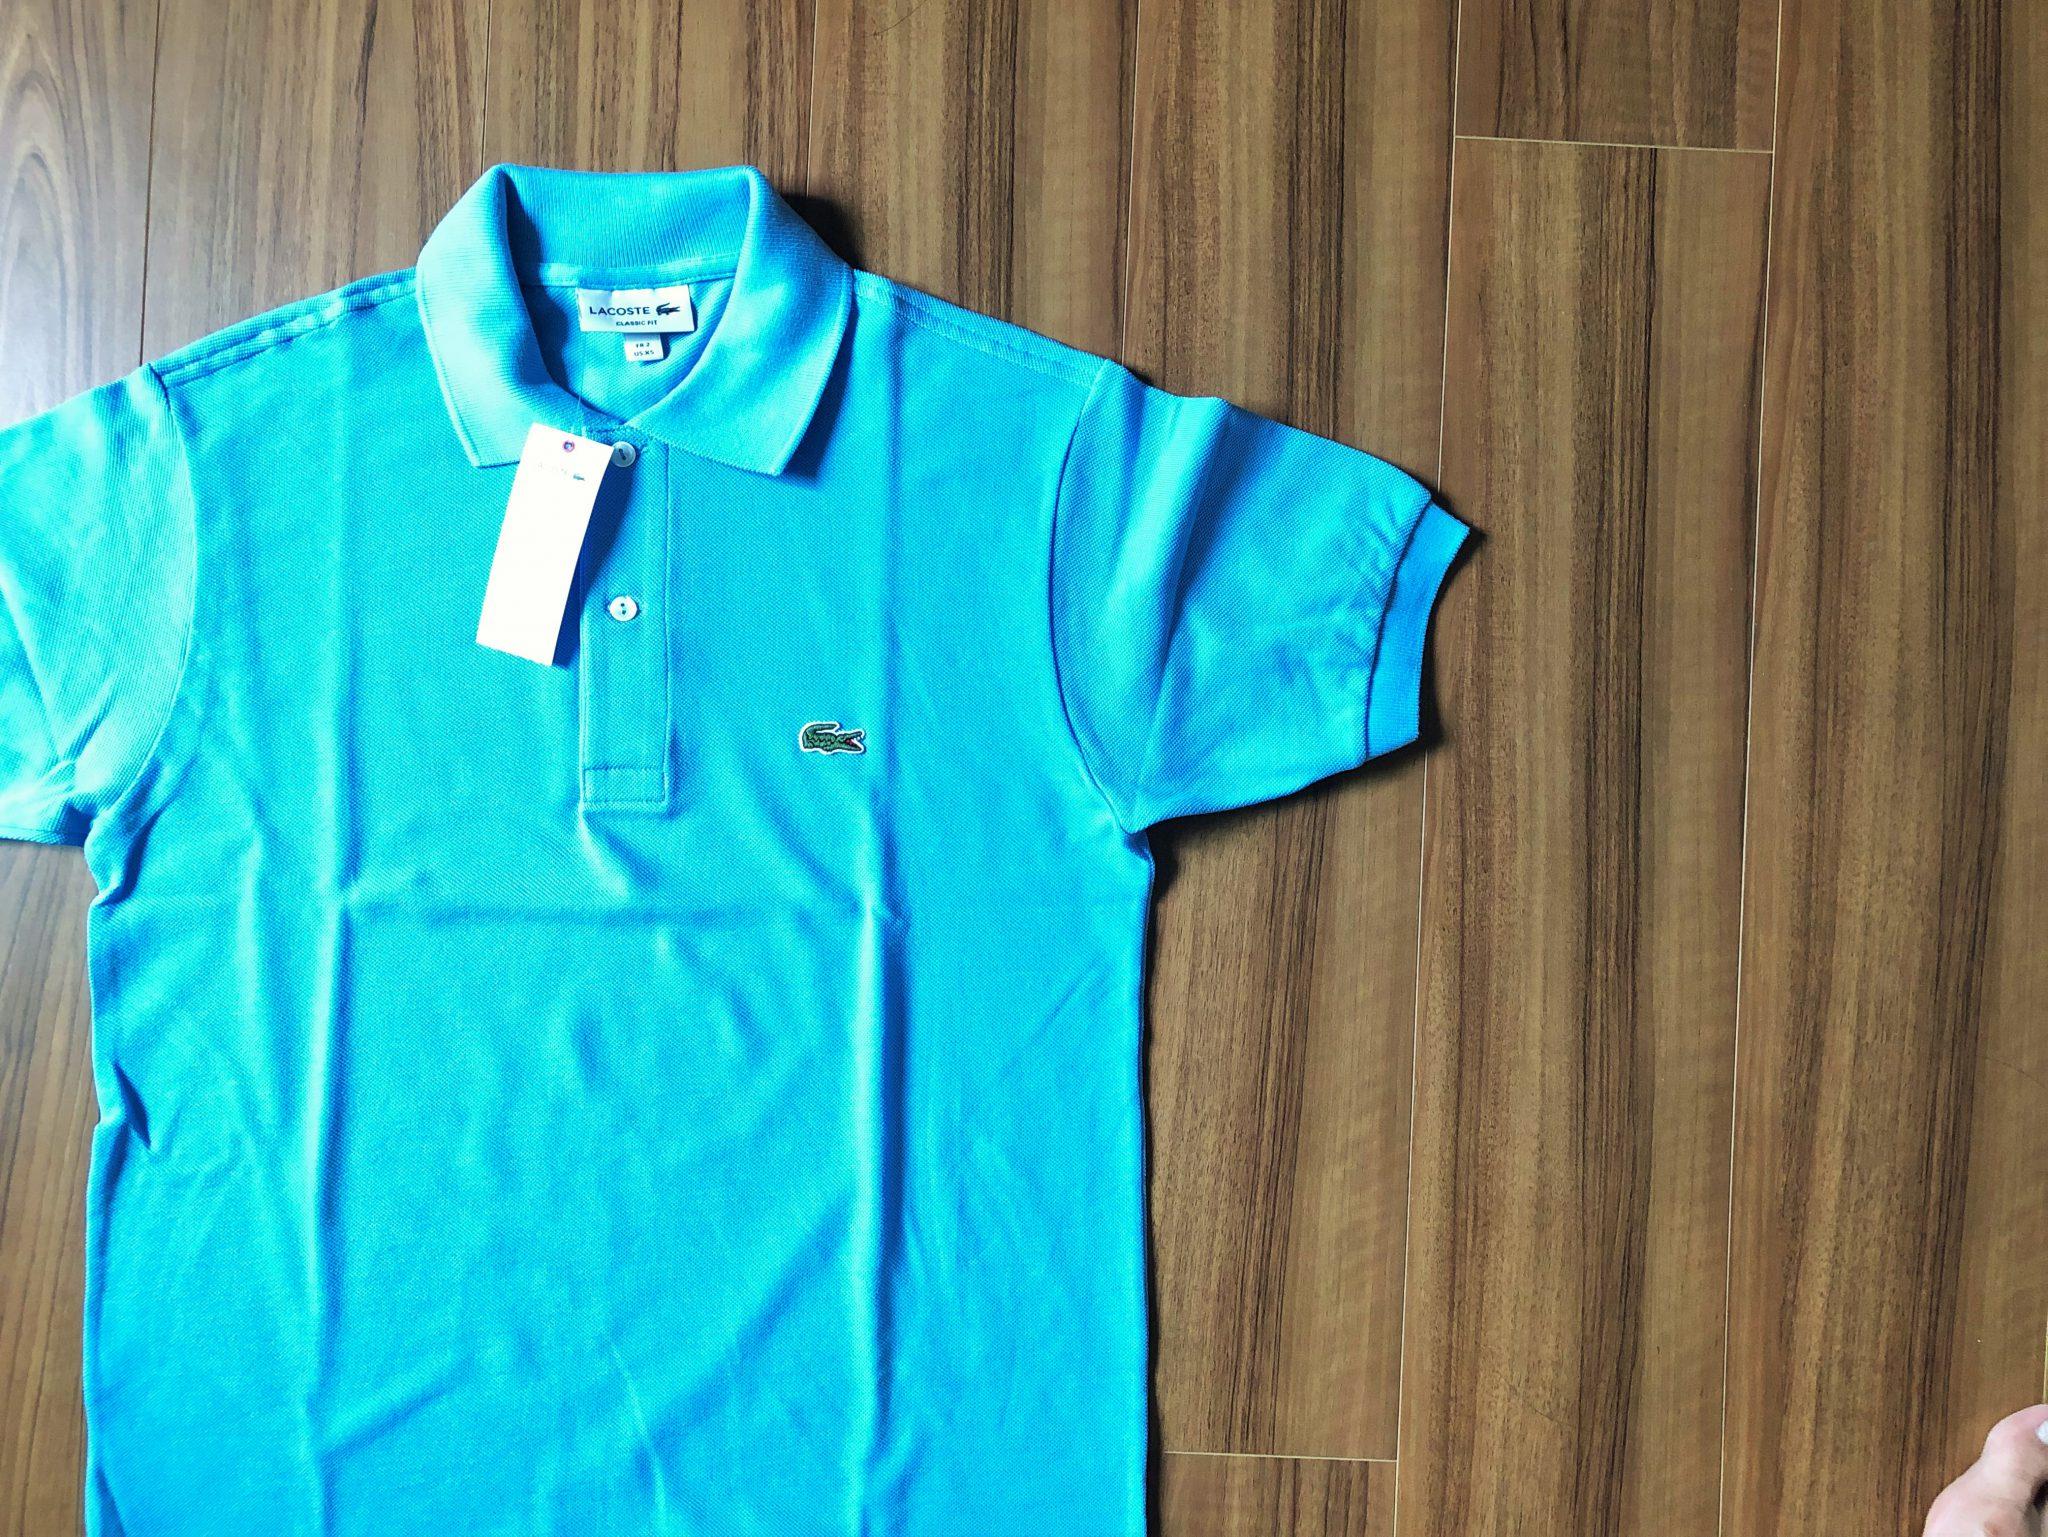 ラコステ フララコ(LACOSTE L1212)ポロシャツ|2枚目のフララコはオーシャンブルー。乾燥機に入れてサイズダウンにチャレンジ。